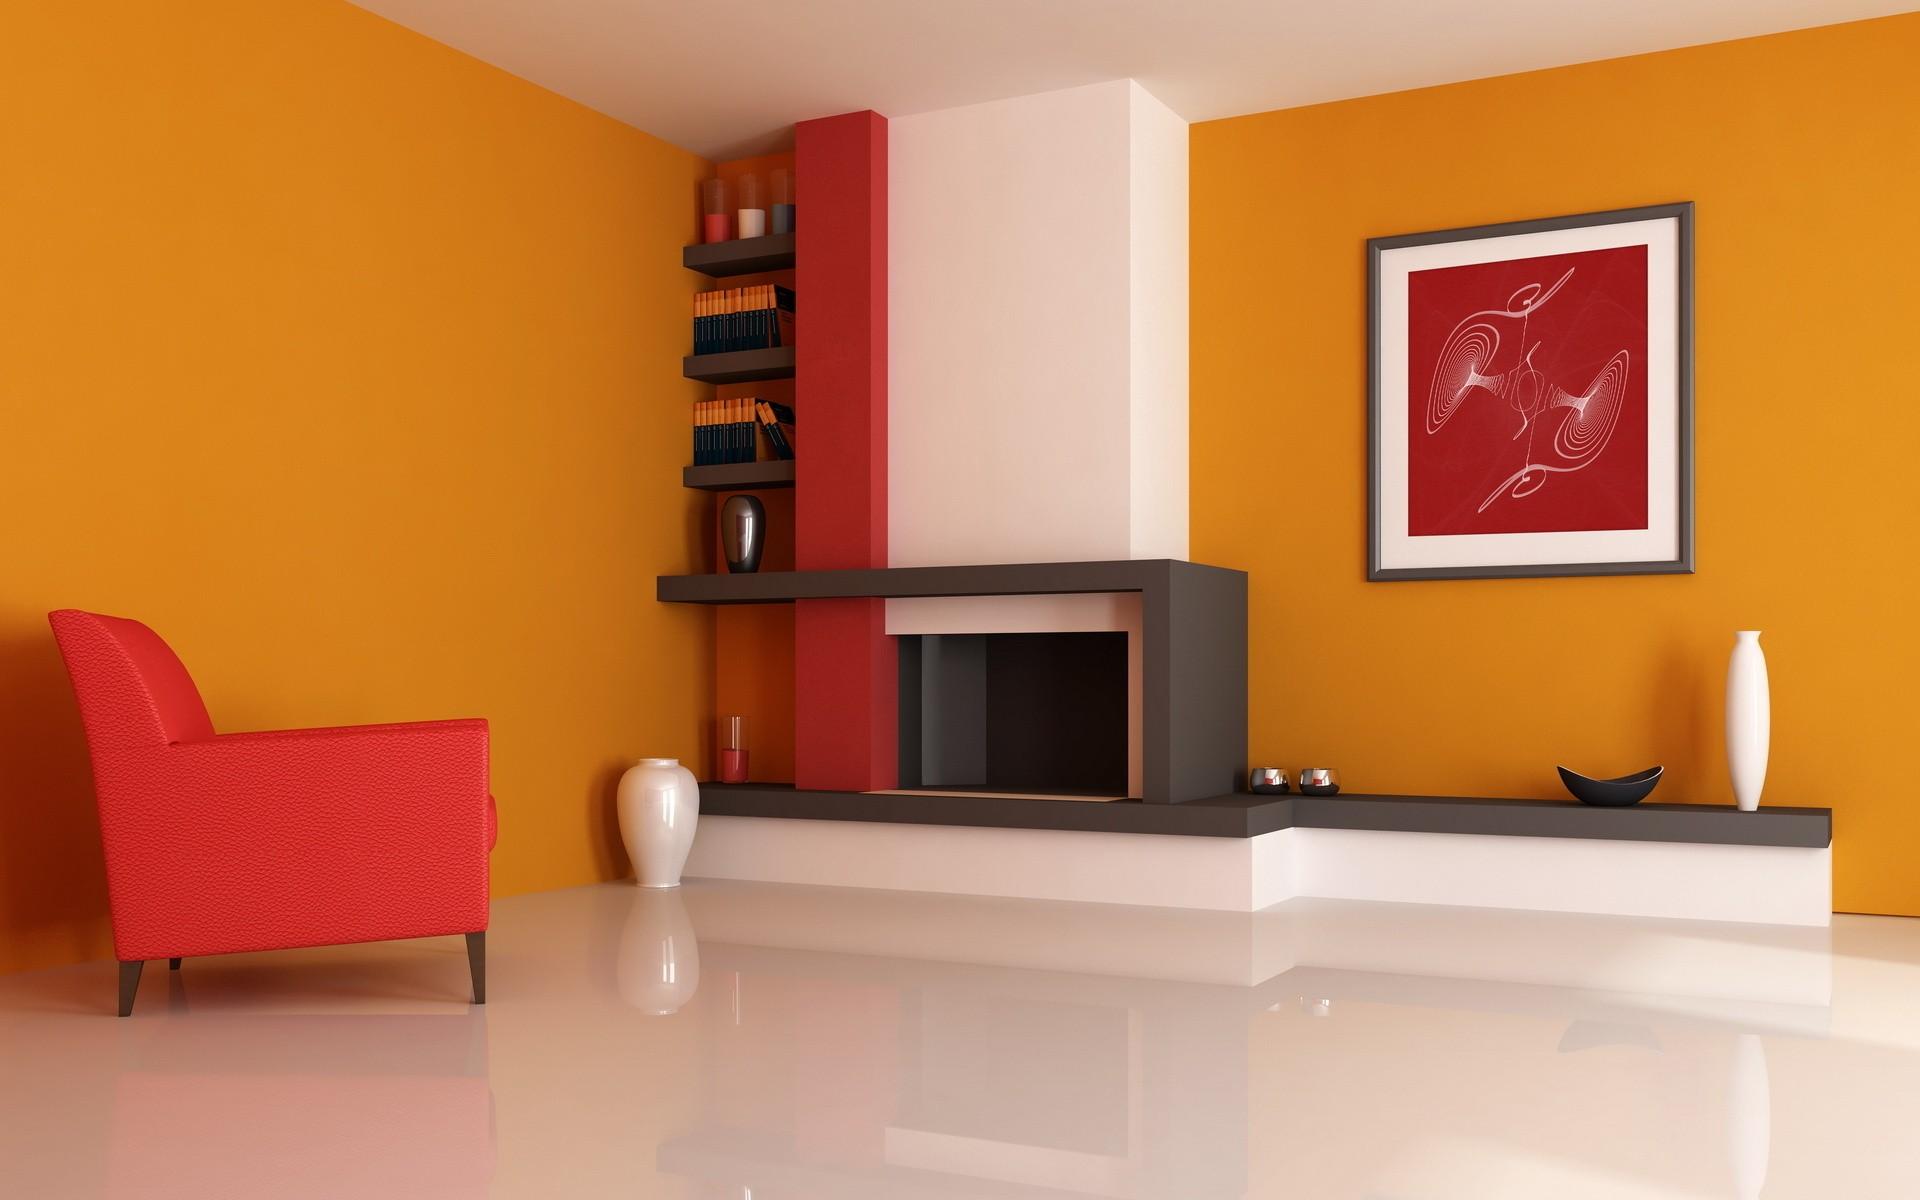 Decoración de una casa - 1920x1200